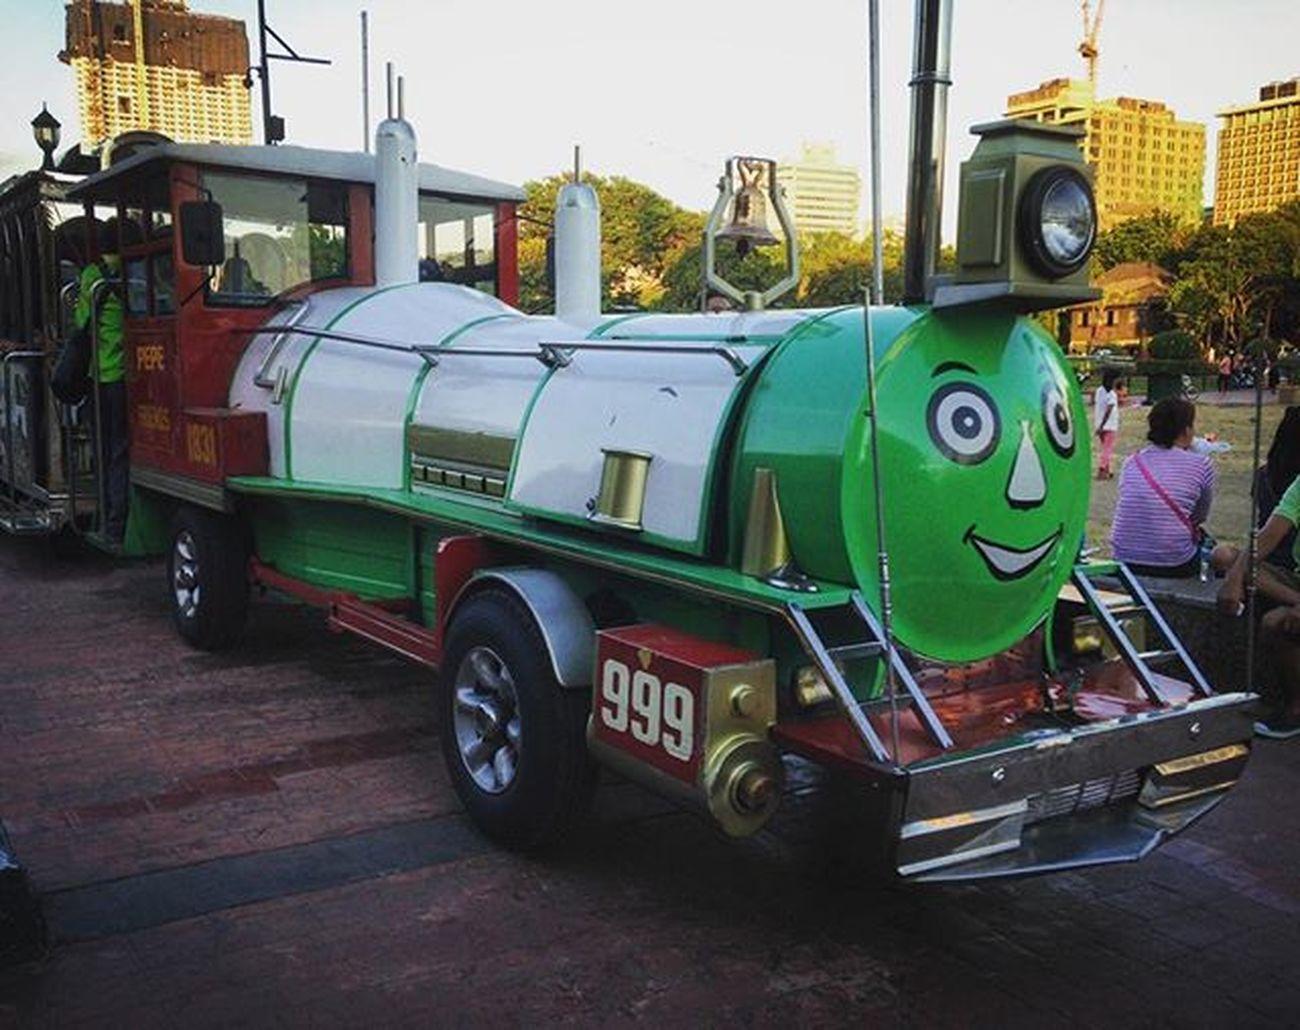 04/24/2016 Train Luneta RizalPark Www_photography Www_streetshots Philihappy Dailybestpic